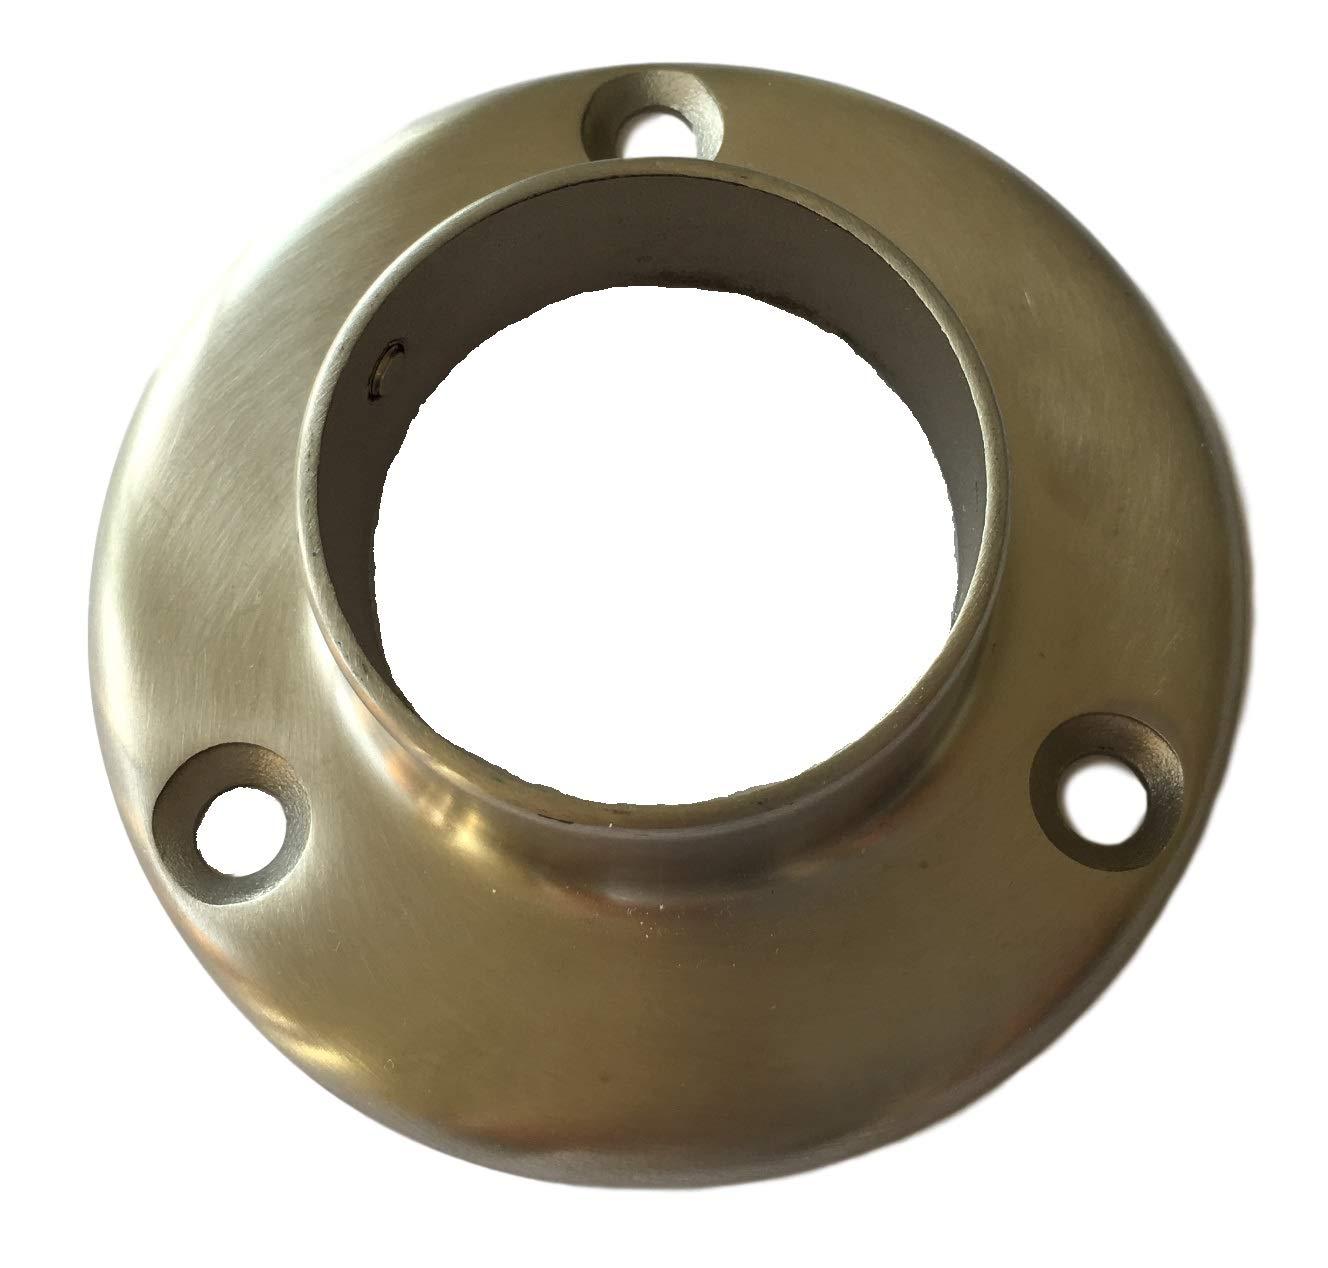 Metall Edelstahl Wandflansch 42.4mm /Öffnung f/ür Handlauf Zubeh/ör auch Holz Buche Eiche usw Wandanschluss f/ür Gel/änder Rohre//Halter Wand-Halterung